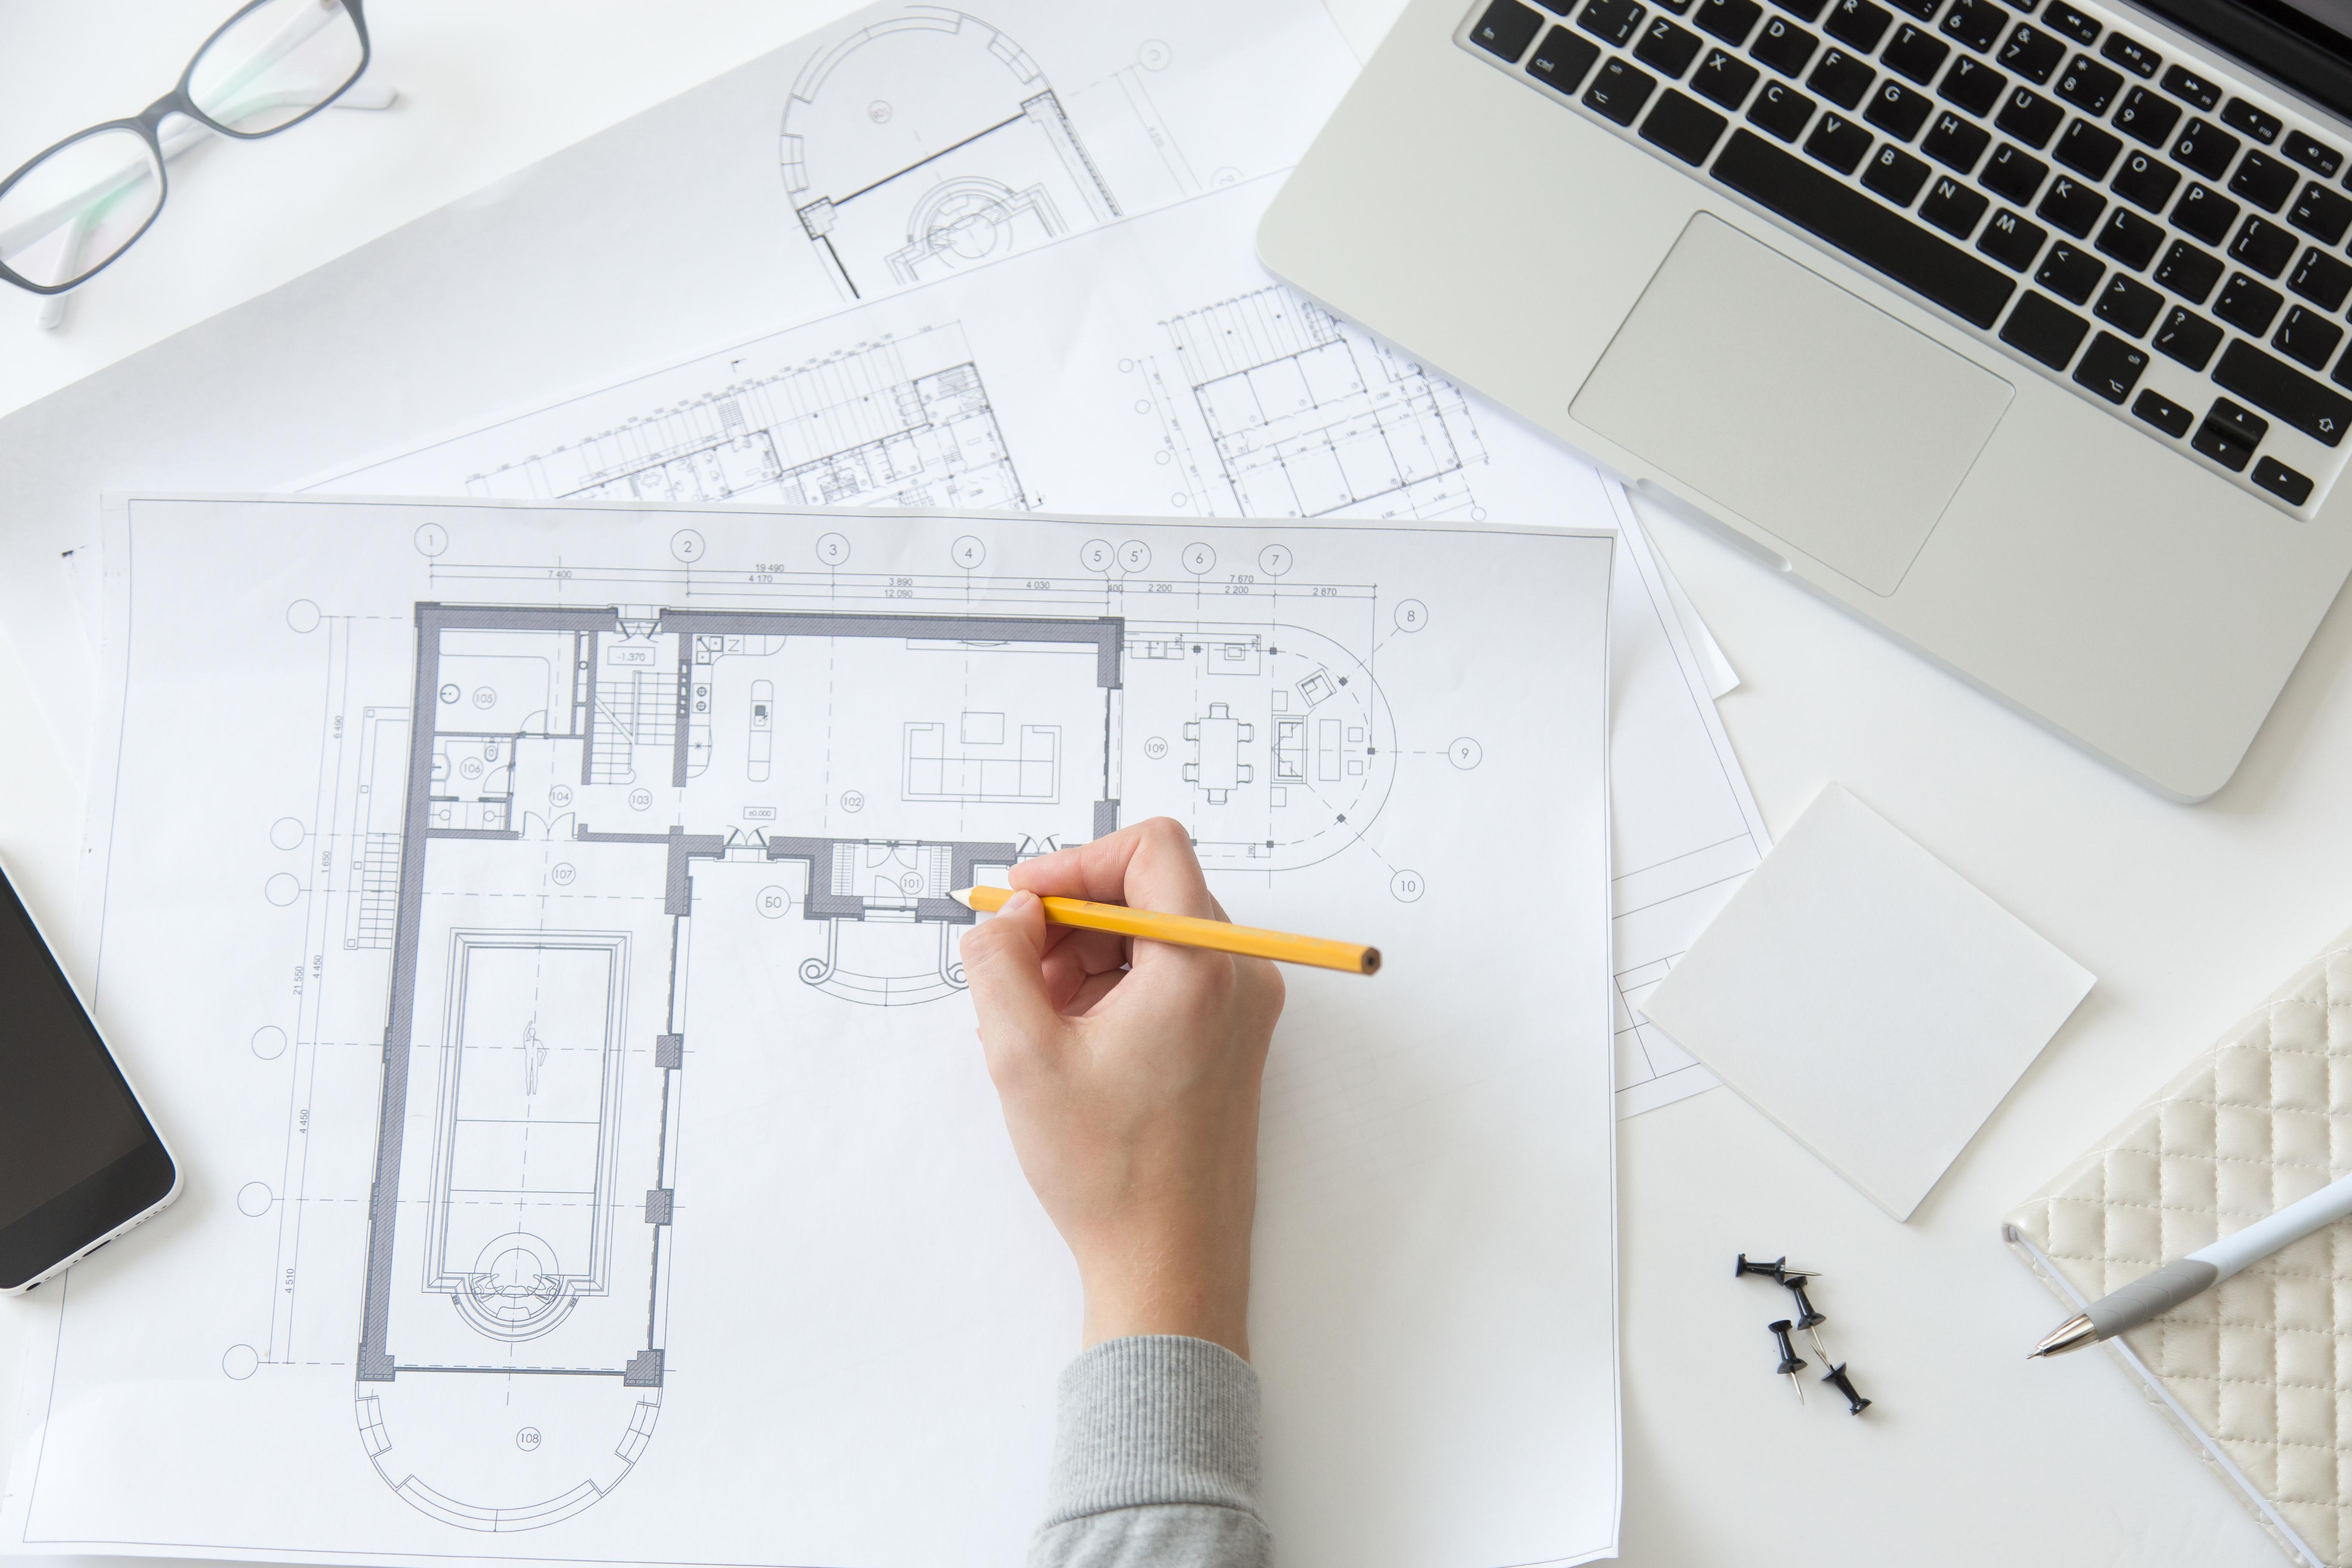 N'attendez plus pour acheter ou investir dans un logement neuf à Reims. Contactez votre conseiller 3H Conseils : 3hconseils@orange.fr & 03.26.24.37.40.